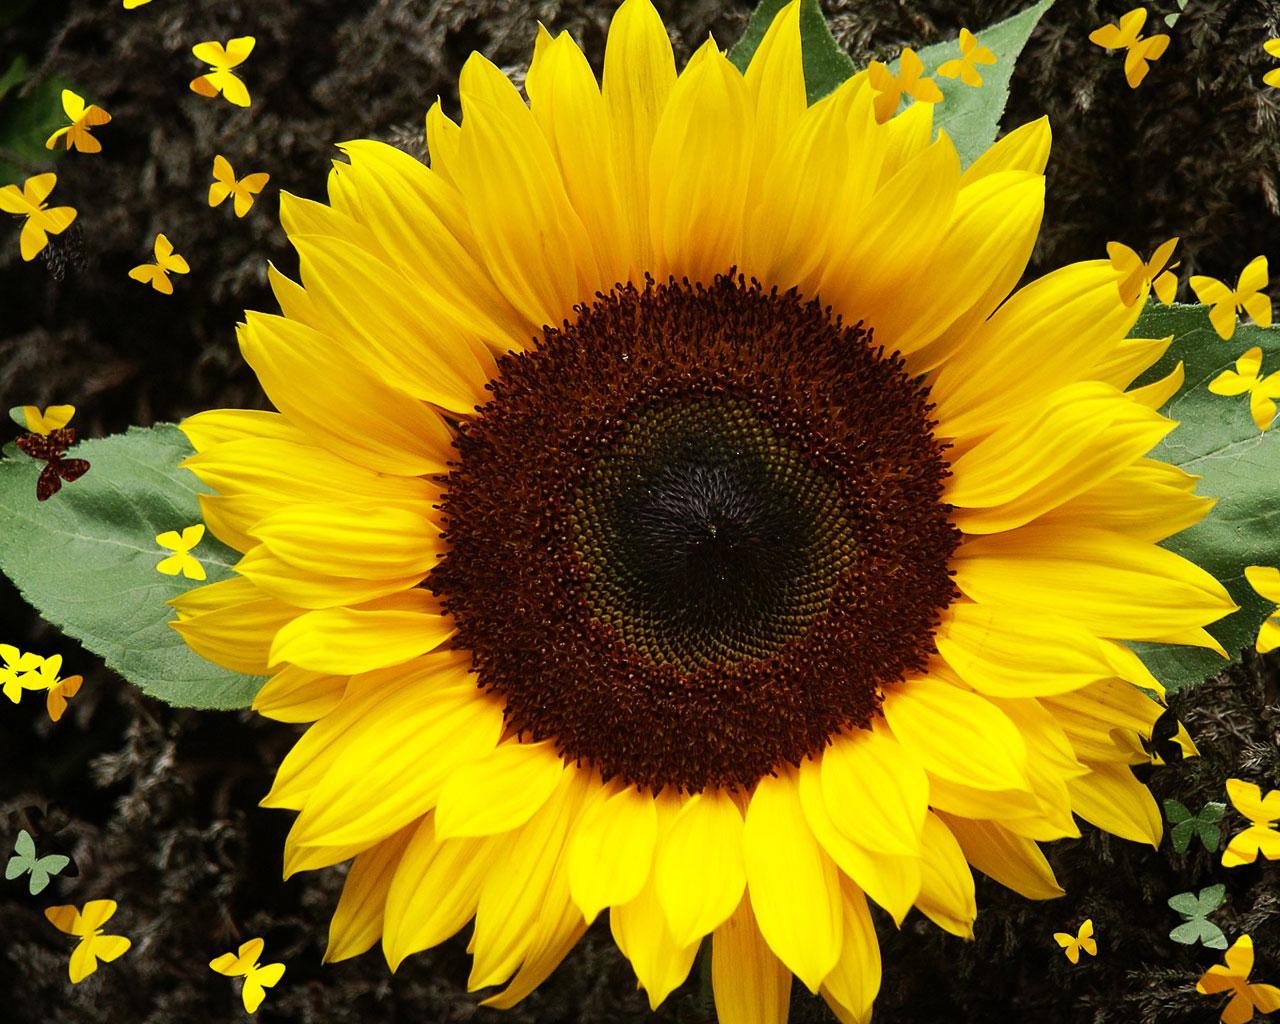 http://3.bp.blogspot.com/-9apB_fNFcwI/T8Wsdde6cnI/AAAAAAAABEY/FeVtGP1Wrgo/s1600/sunflower-1.jpg